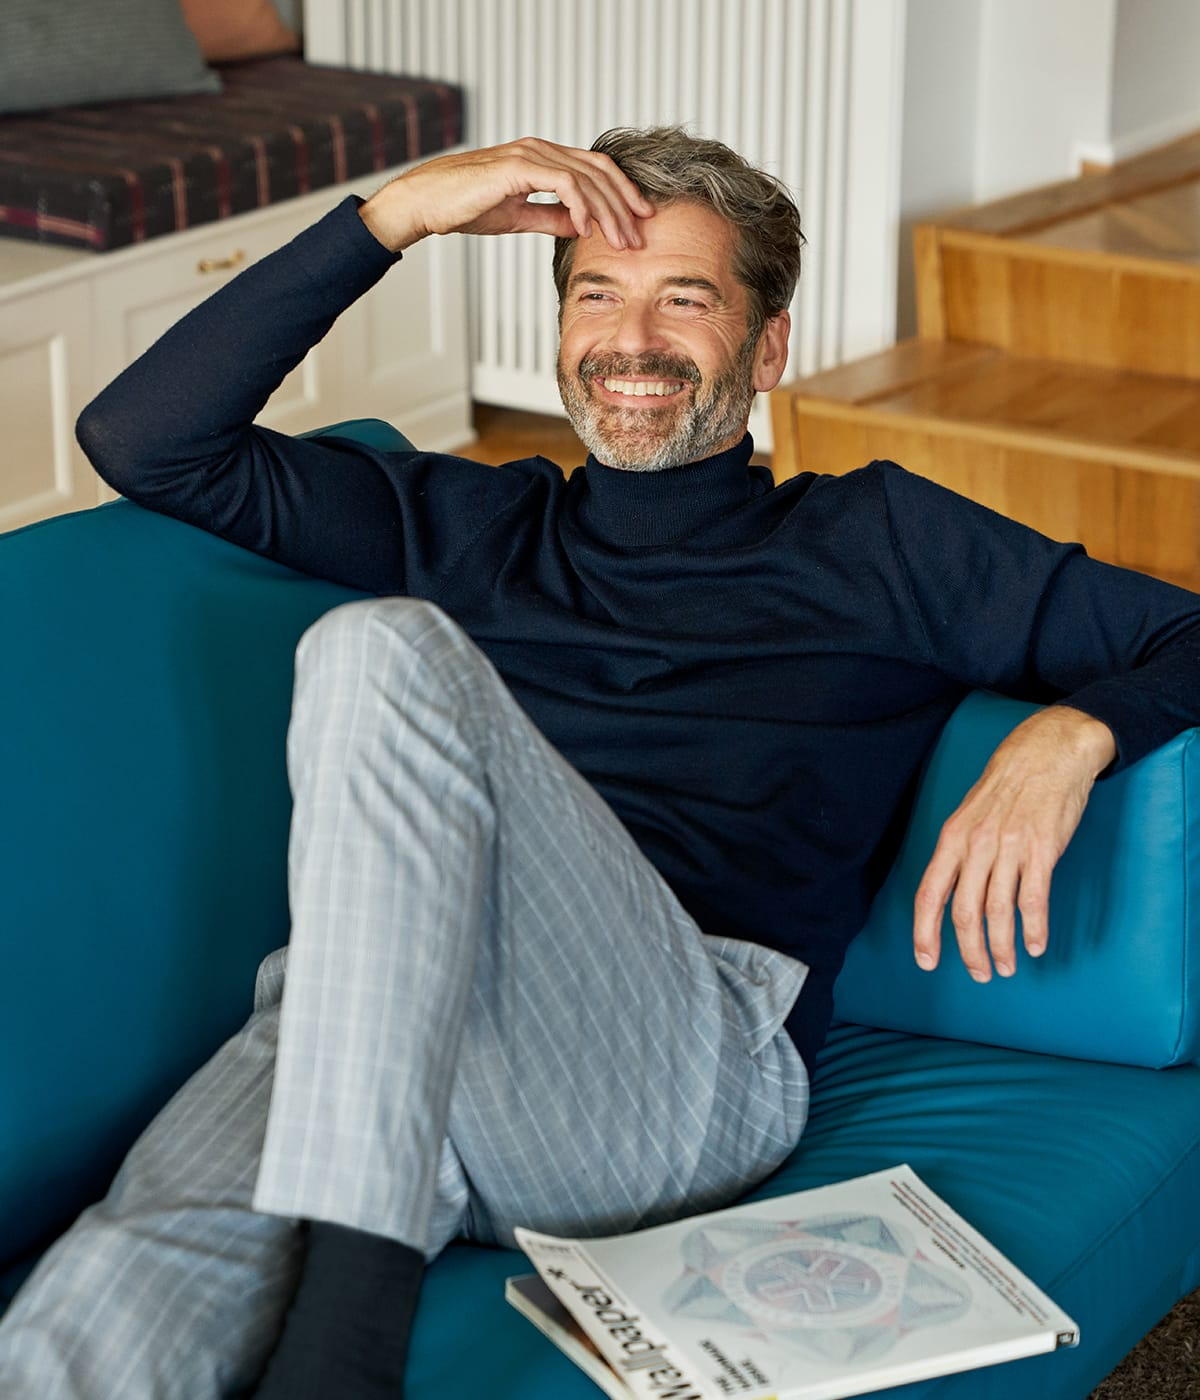 Auf gemütlichen Möbeln wie dem Stressless Air Sofa lässt sich richtig entspannen.